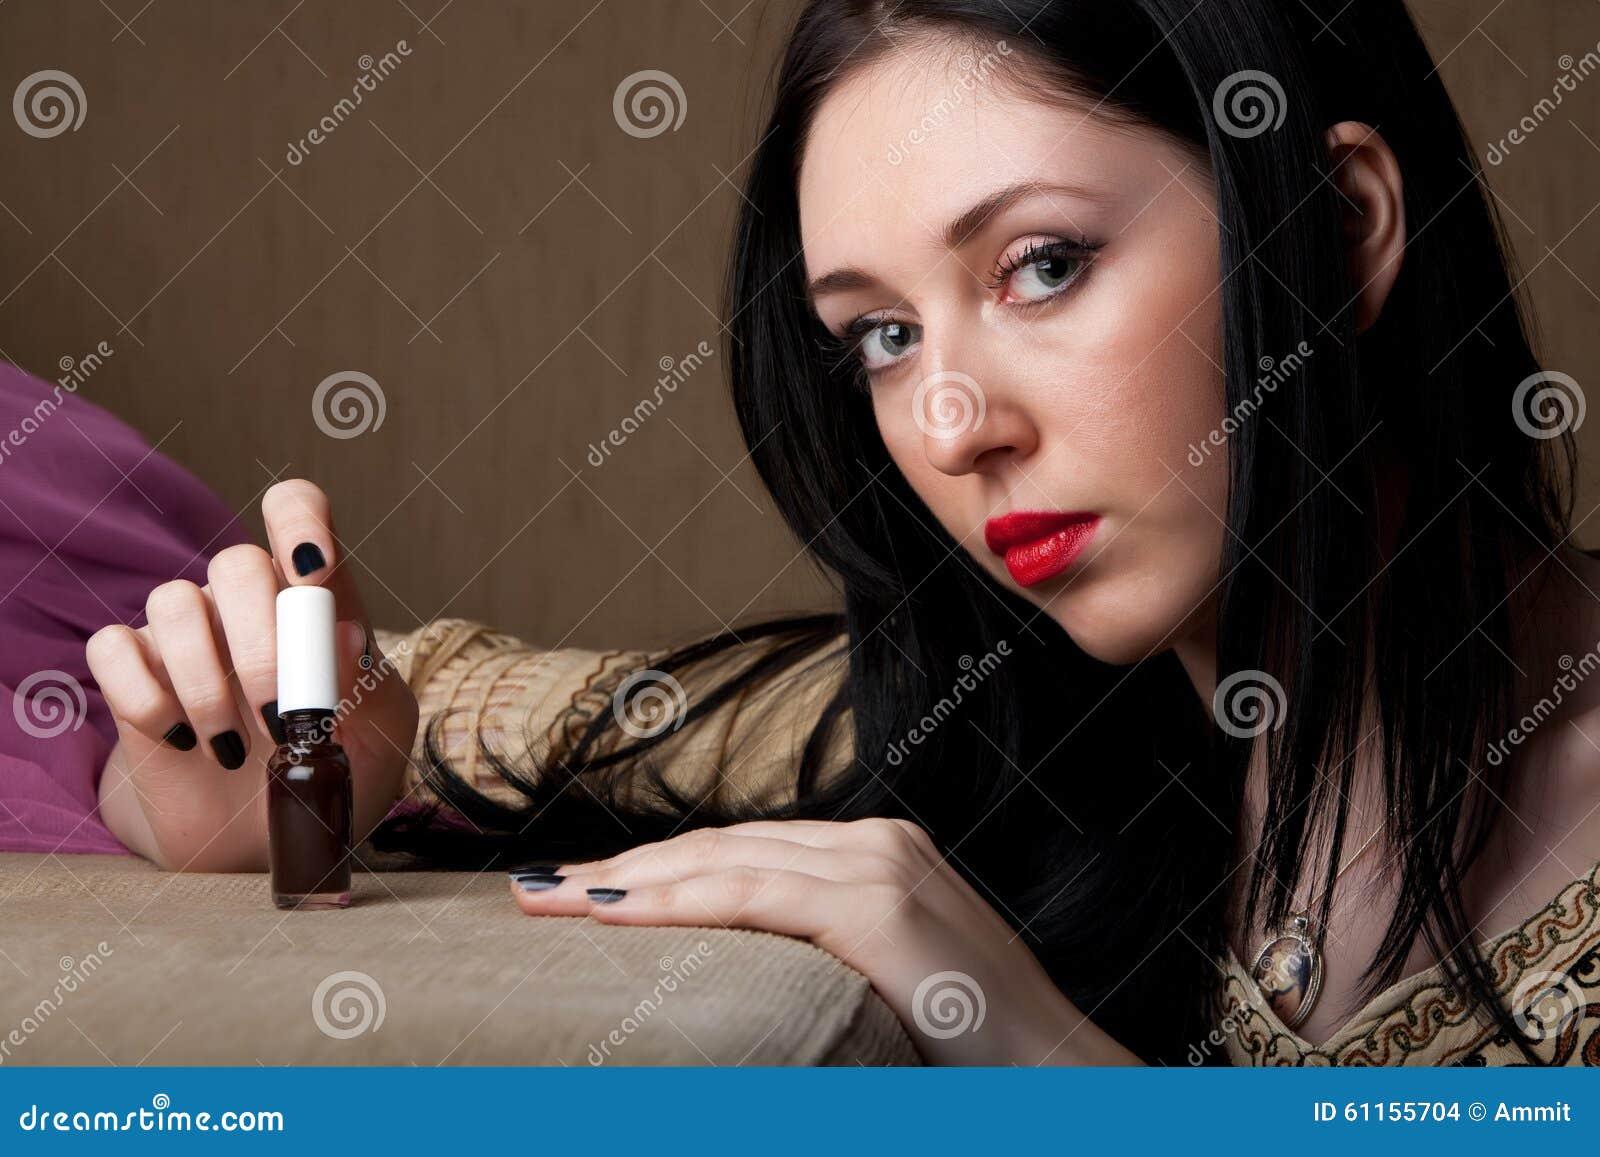 Schwarzer Nagellack stockfoto. Bild von frau, menschlich - 61155704